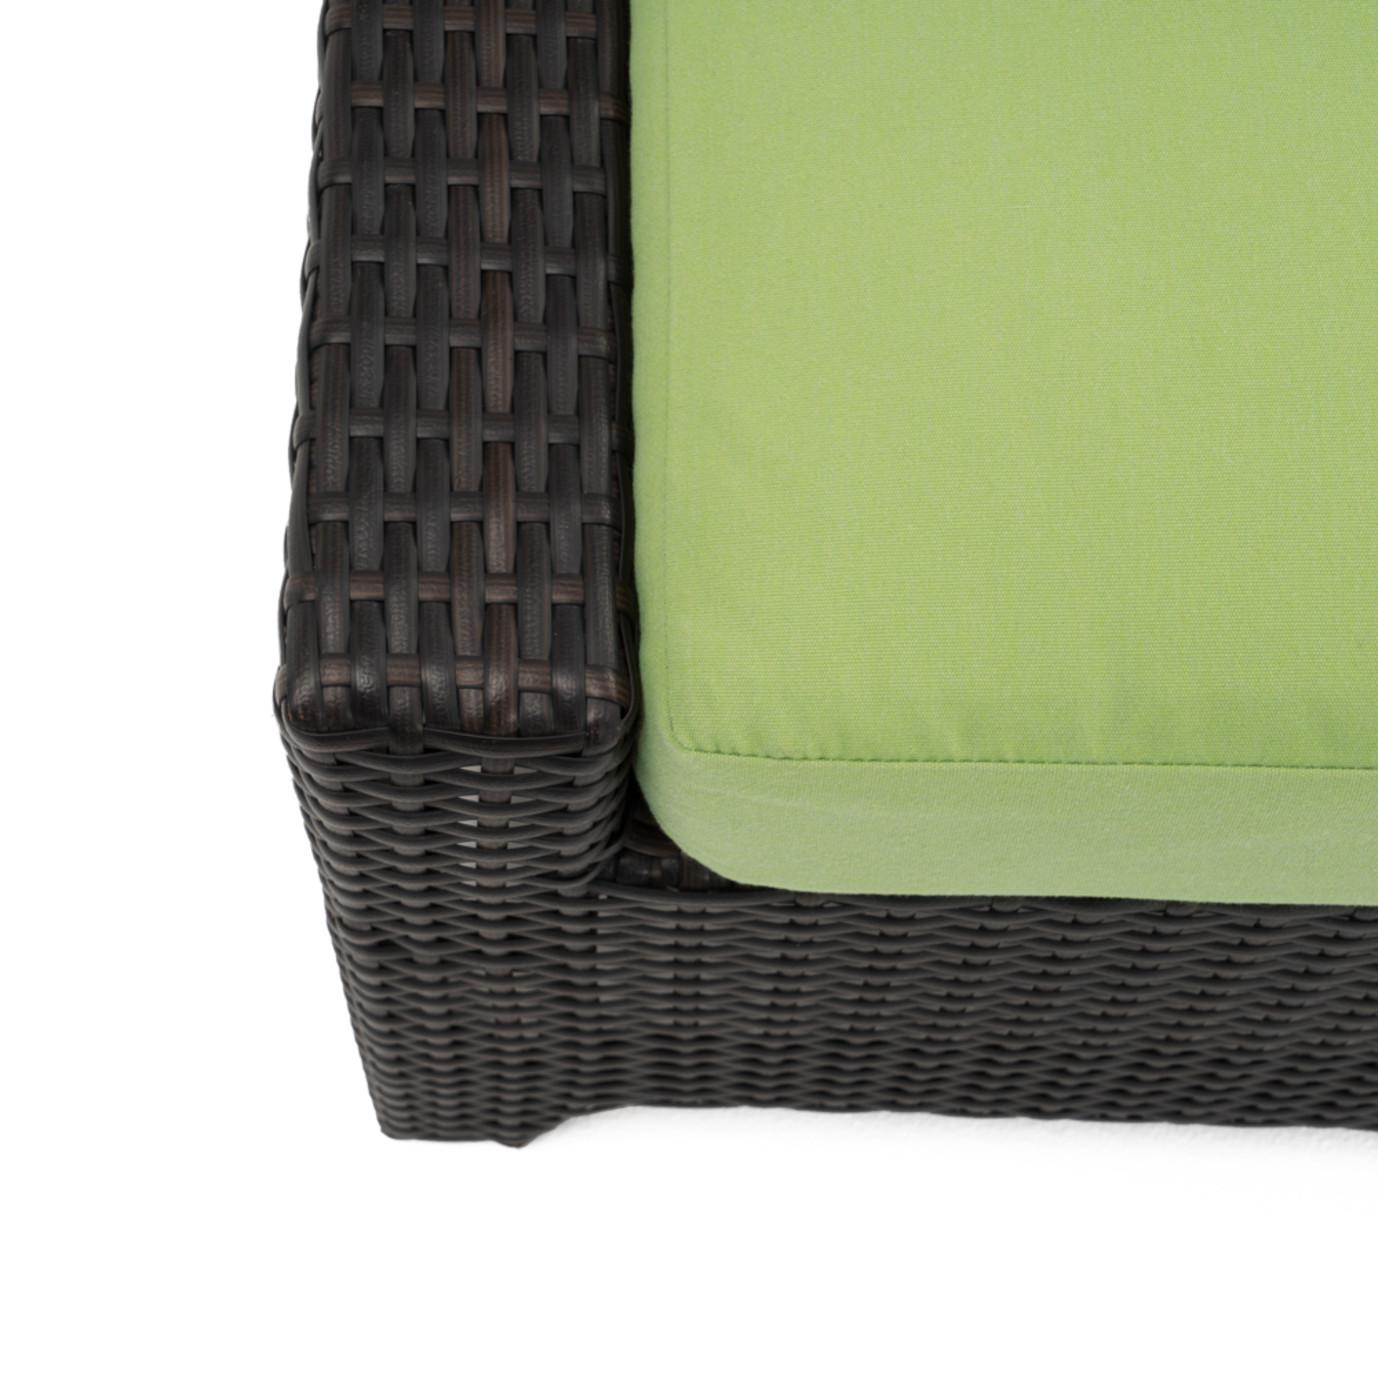 Deco™ Club Ottomans - Ginkgo Green